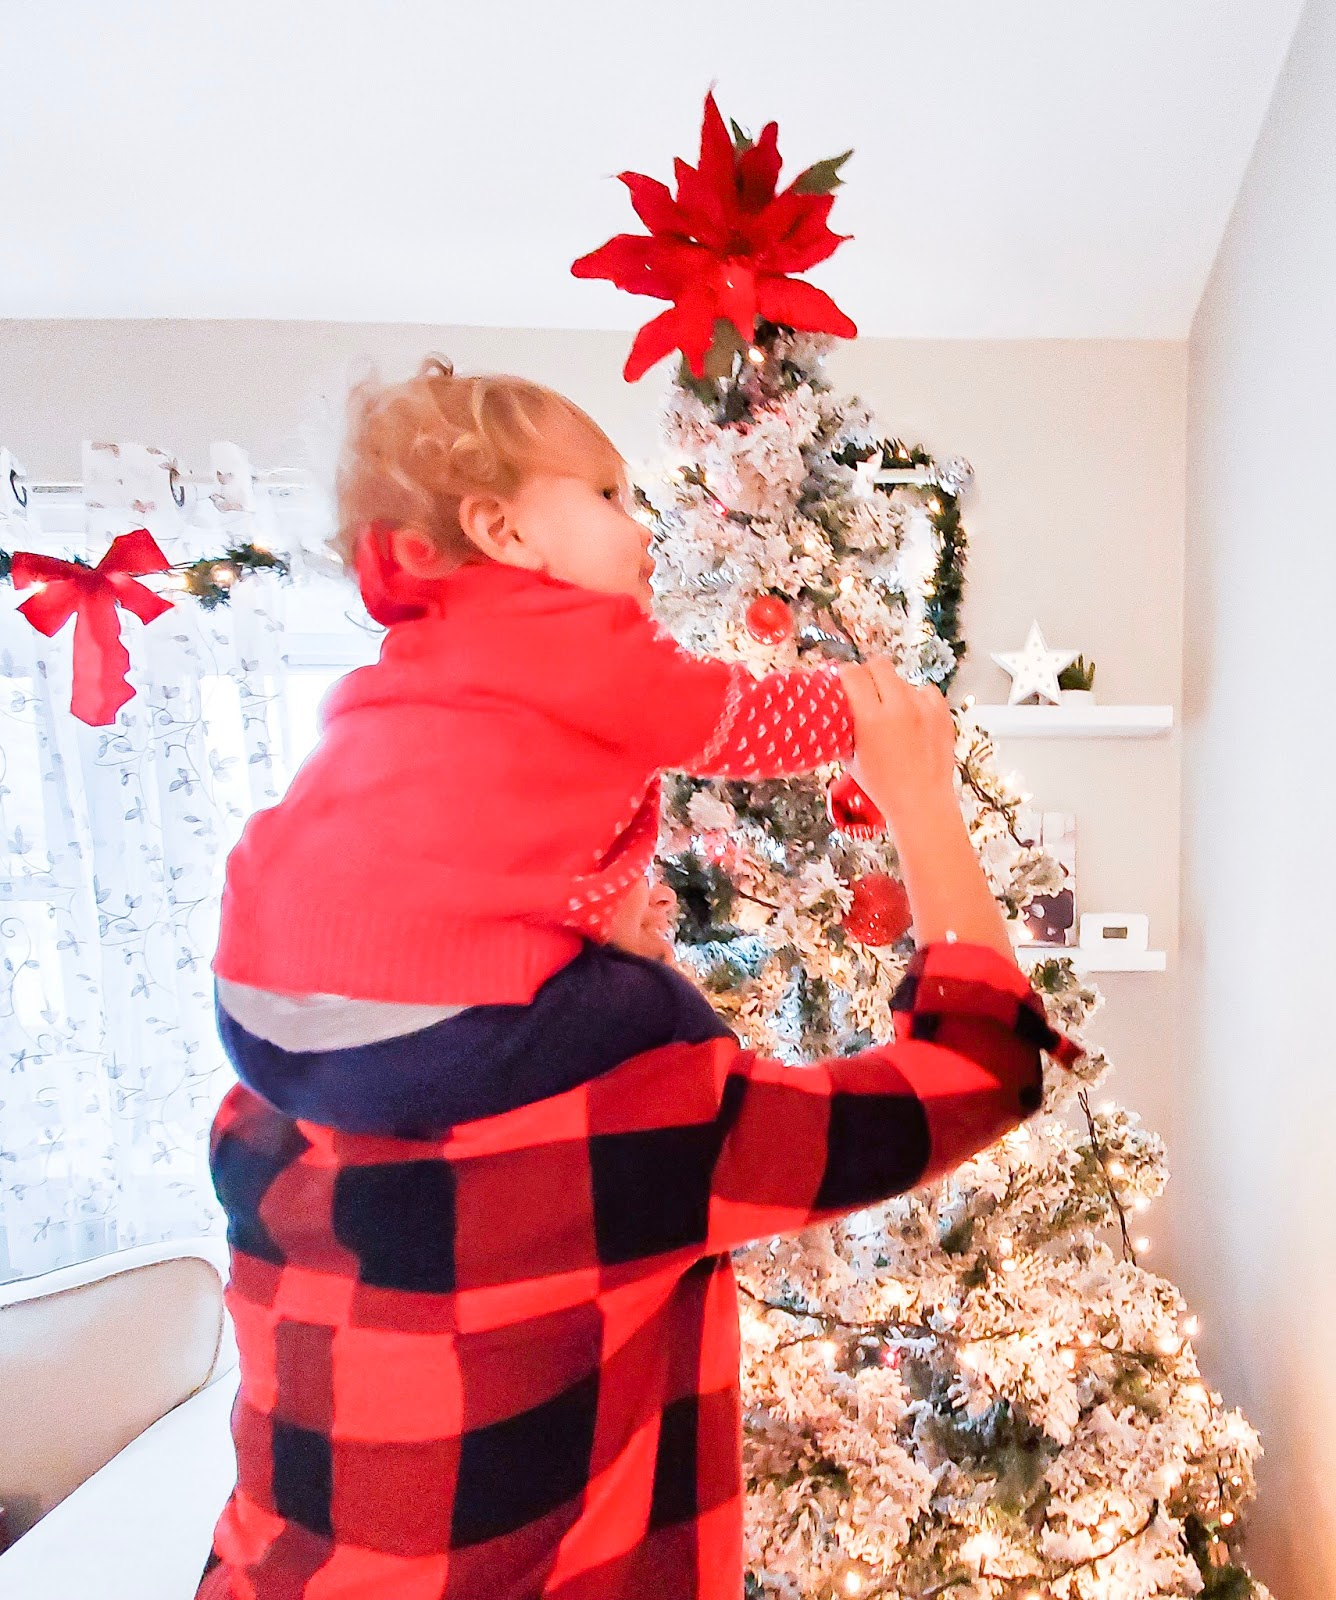 first alert, winter home safety, carbon monoxide, carbon monoxide alarm, CO alarm, fire alarm, parenthood, safe home